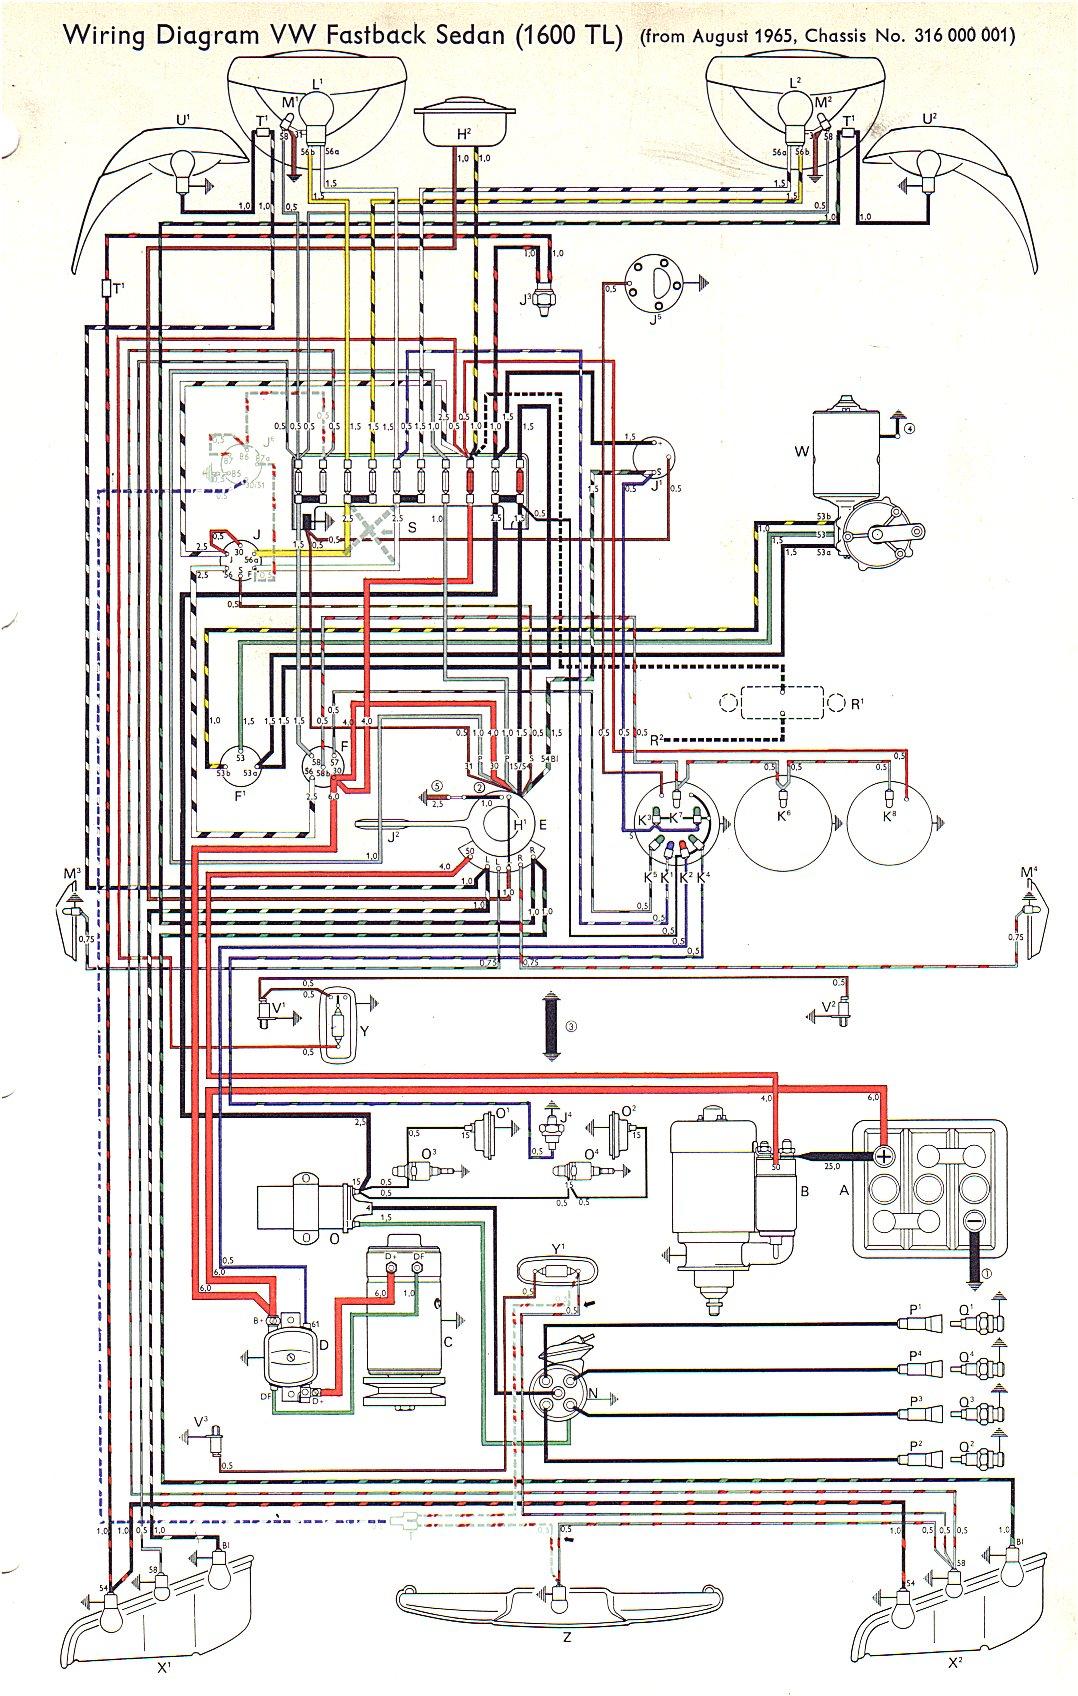 VW Type 40 Wiring Diagrams